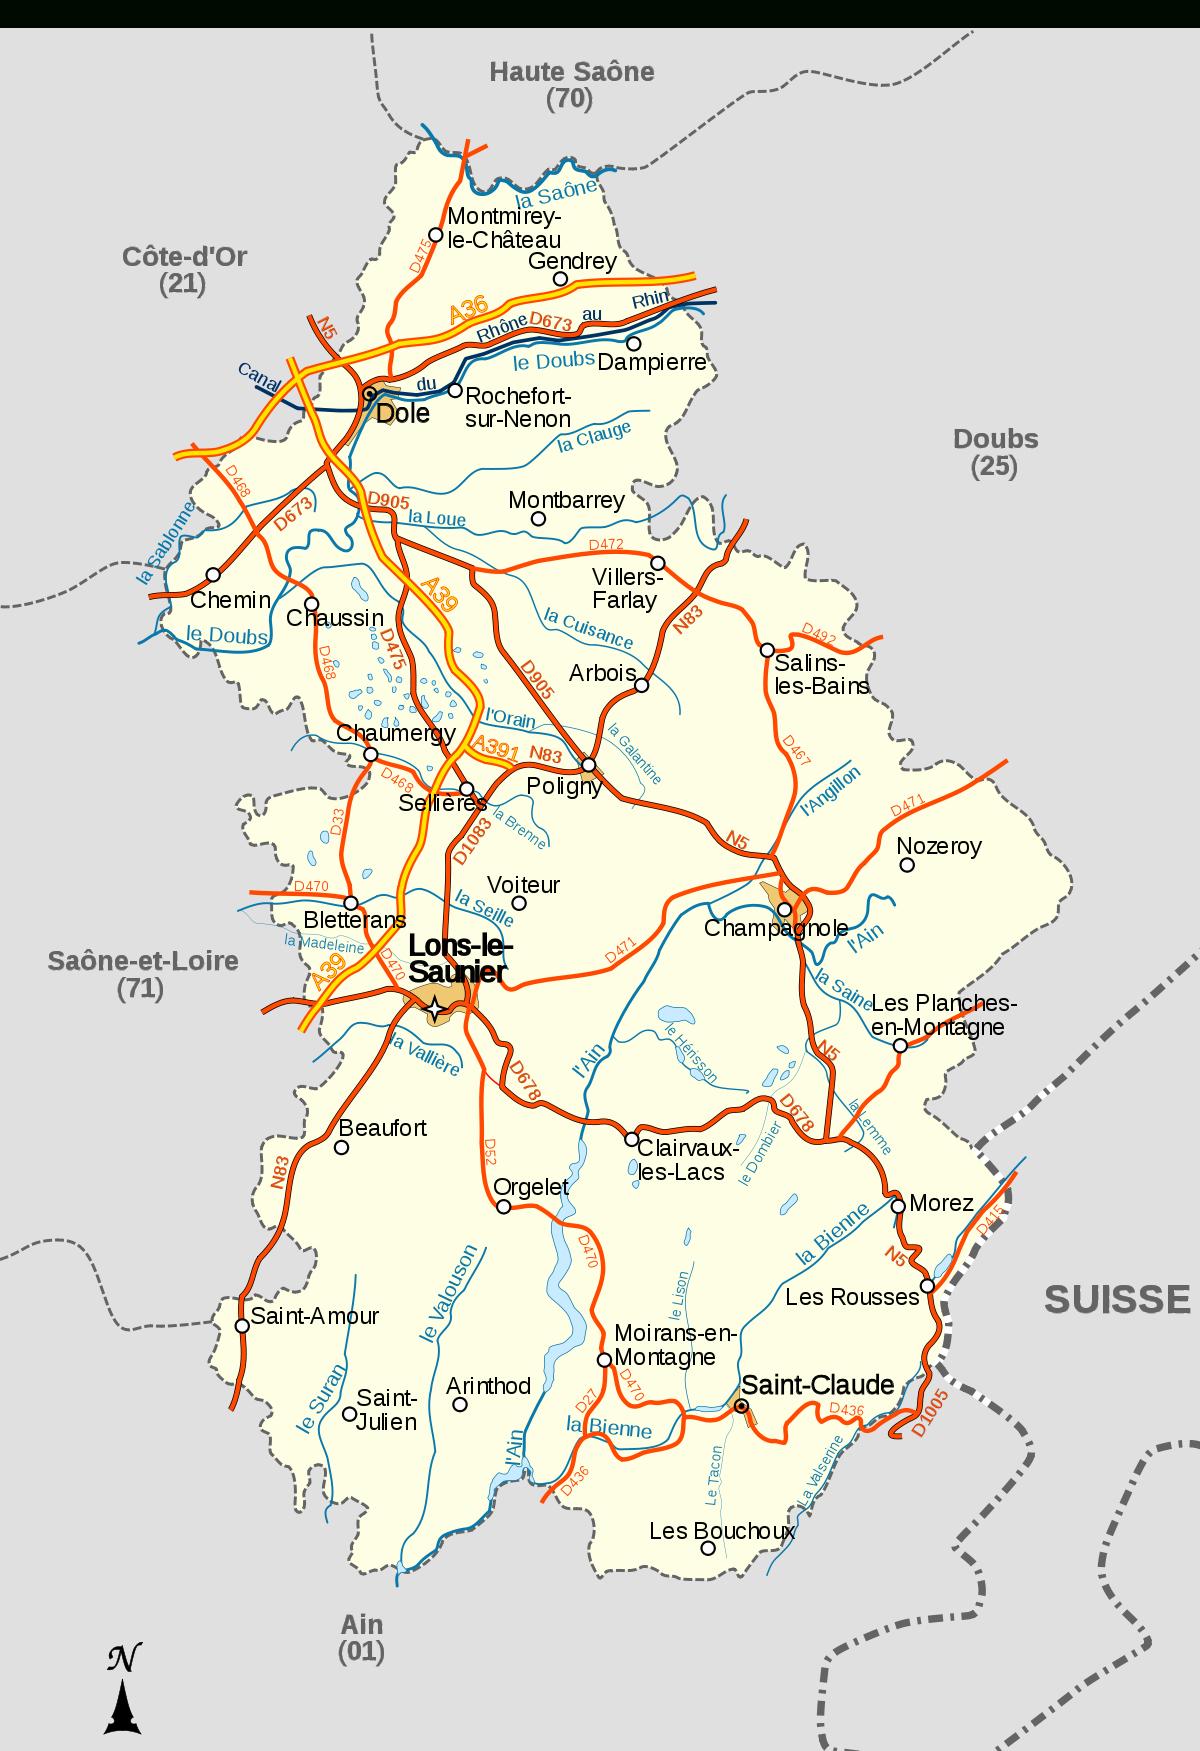 Liste Des Cours D'eau Du Département Du Jura — Wikipédia destiné Carte Des Fleuves En France